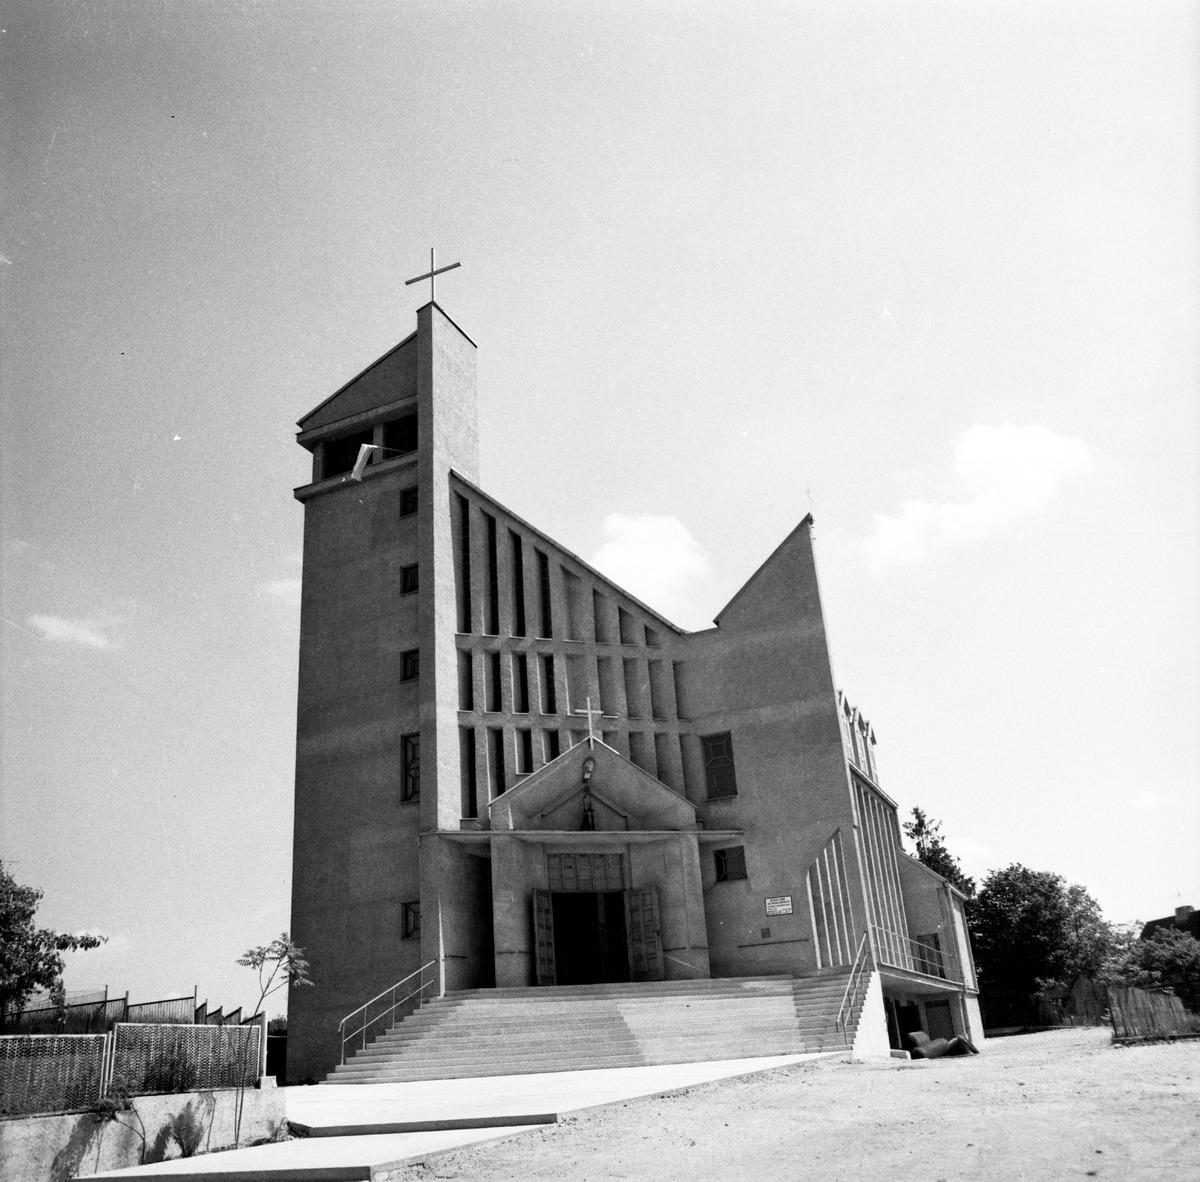 Kosciół św. Maksymiliana Kolbe [3]